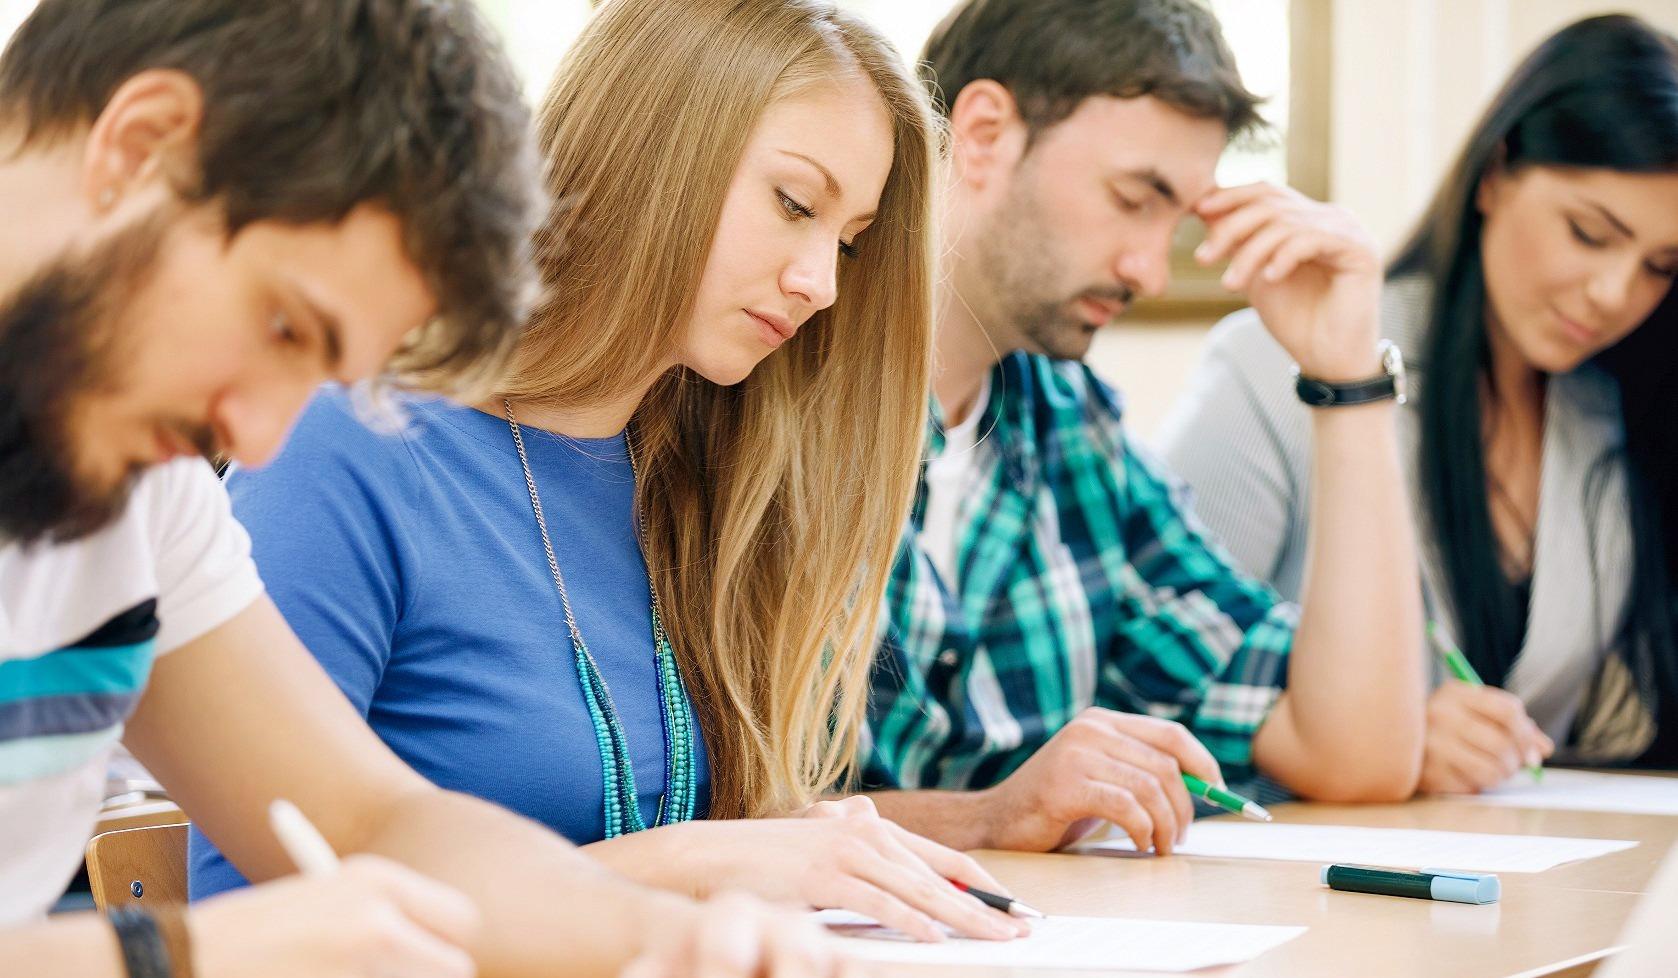 合肥成人零基础英语培训班,量身定制学习方案